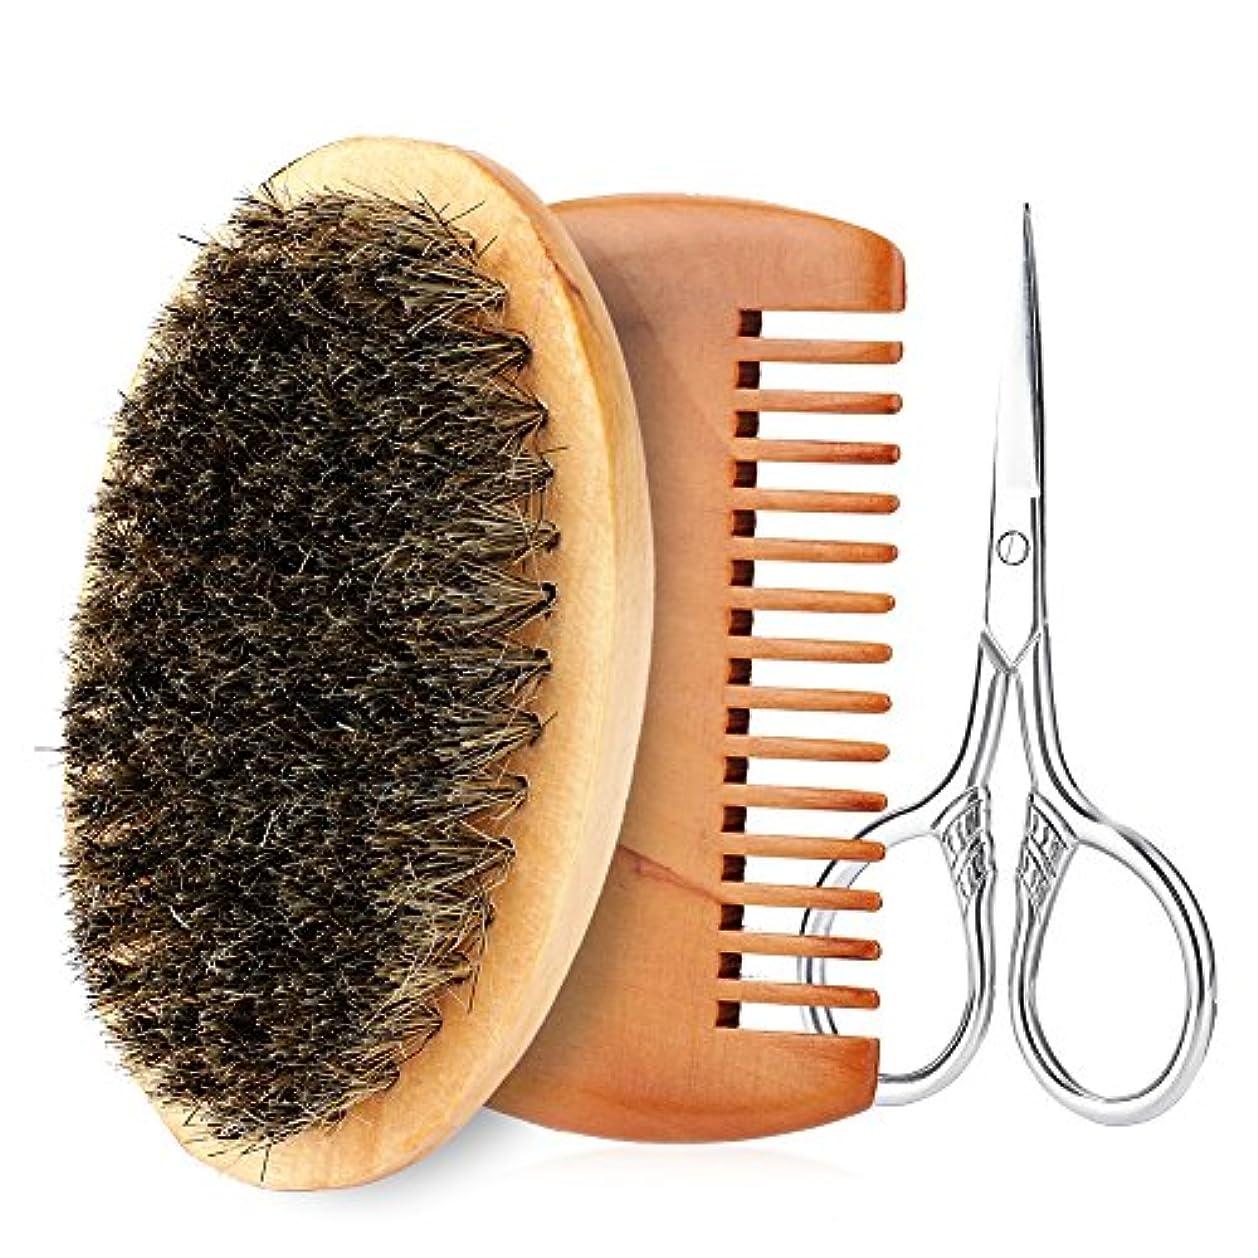 過言滑る彫刻ひげブラシ、男性顔ひげクリーニングシェービングブラシフェイスマッサージャーグルーミングアプライアンスツール(#3(Beard Brush + Comb + Scissors))